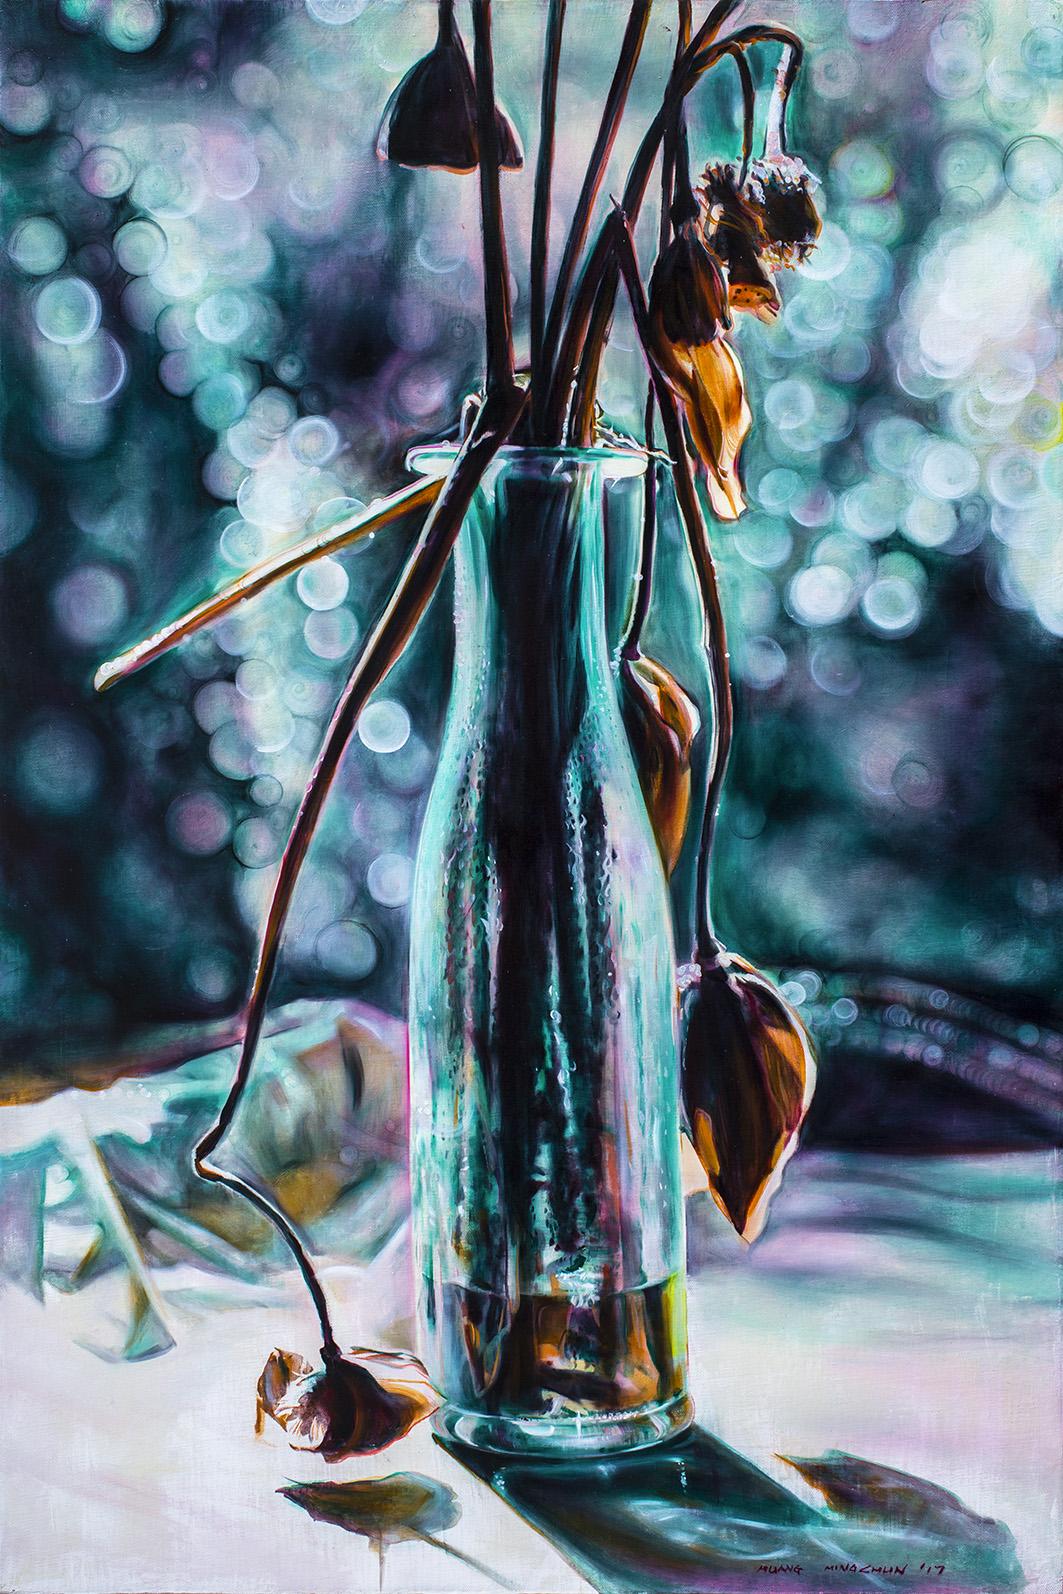 瓶中詩 Poetry in the Vase  91cm x 60.5cm  油彩畫布Oil on canvas 2017